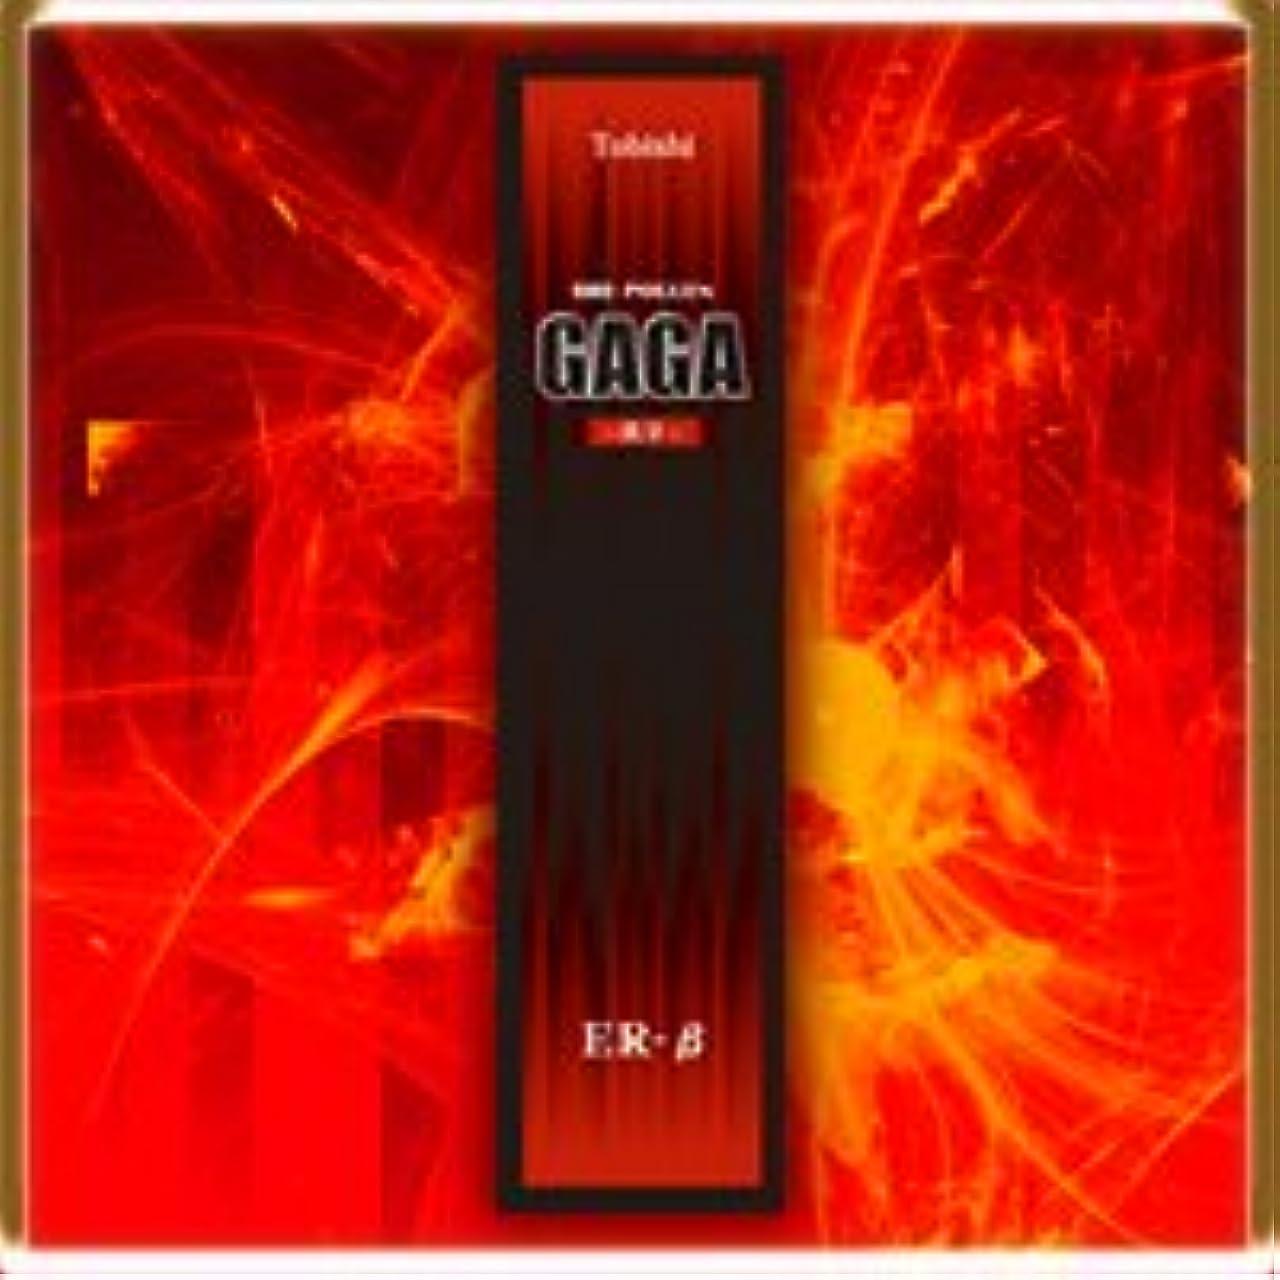 宿泊施設すべき統治するバイオポーレン我牙(GAGA)100ml2個セット【超感動的美髪成分を施した育毛剤!】